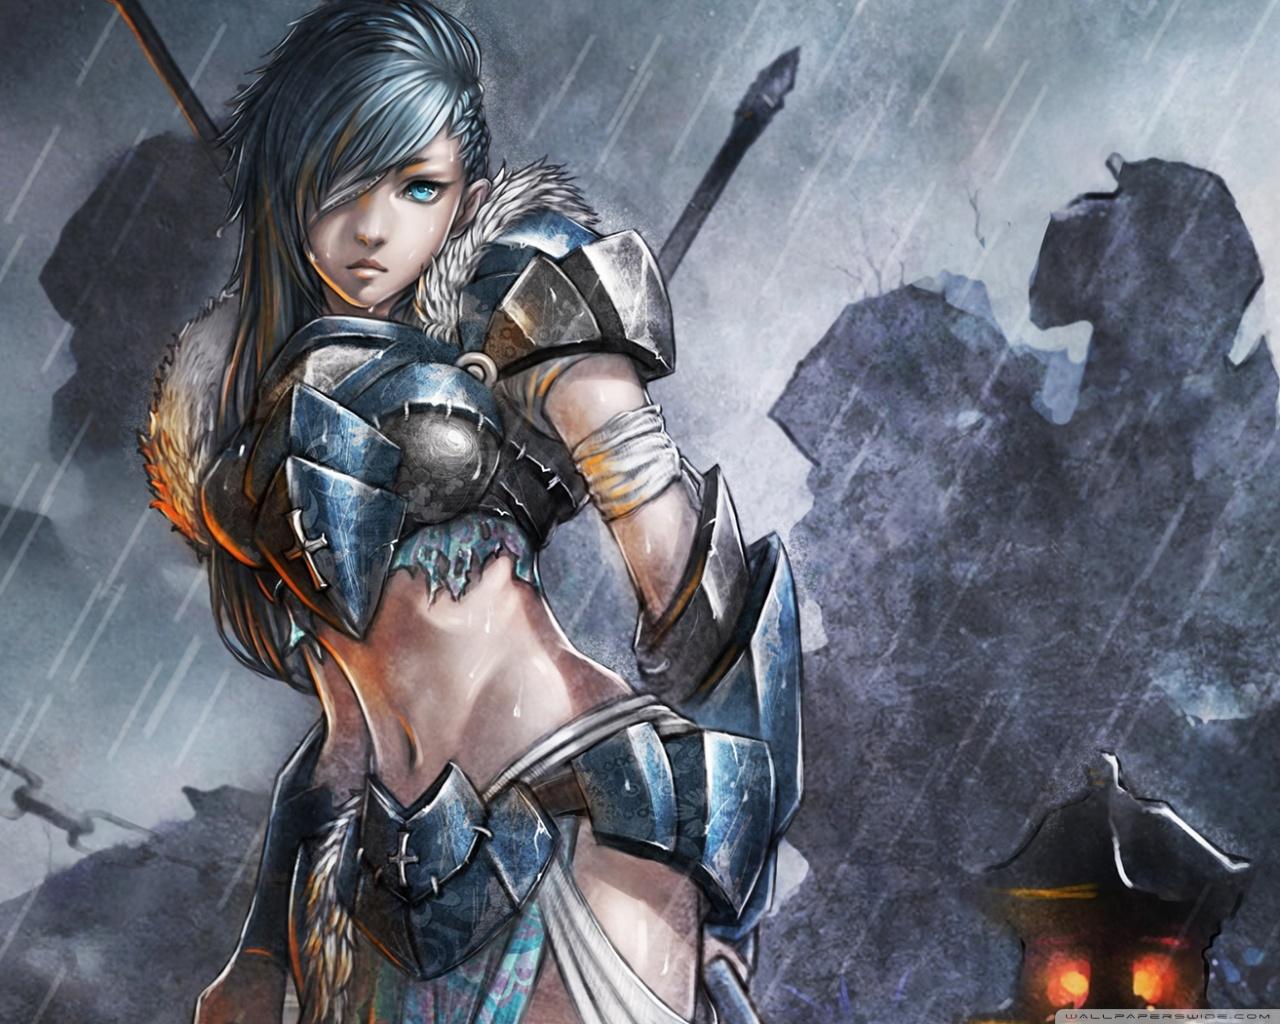 Woman Warrior 4K HD Desktop Wallpaper For 4K Ultra HD TV